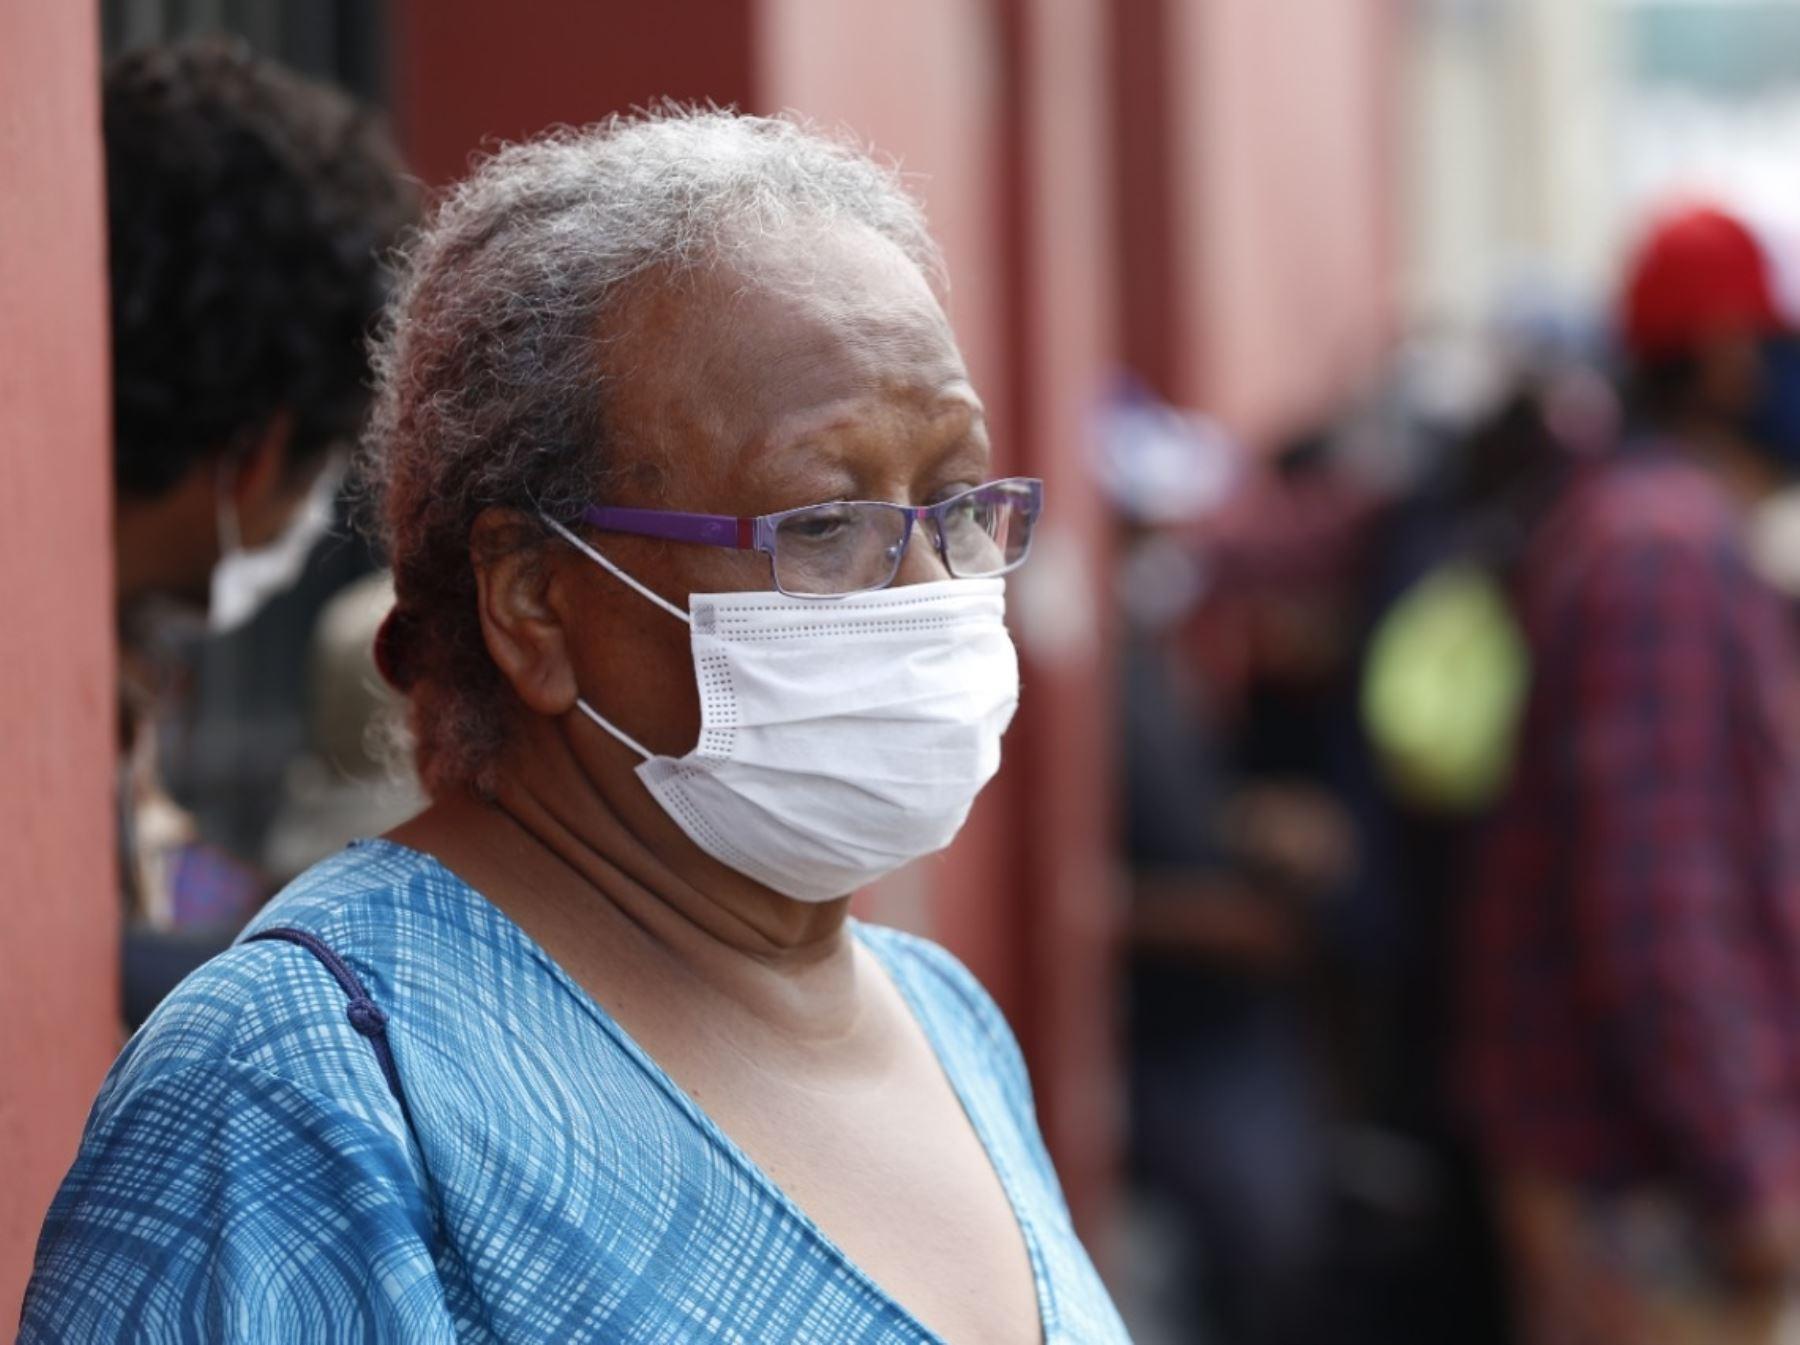 La cuarentena ha generado que los adultos mayores presenten cuadros de depresión. Foto: Sisol Salud